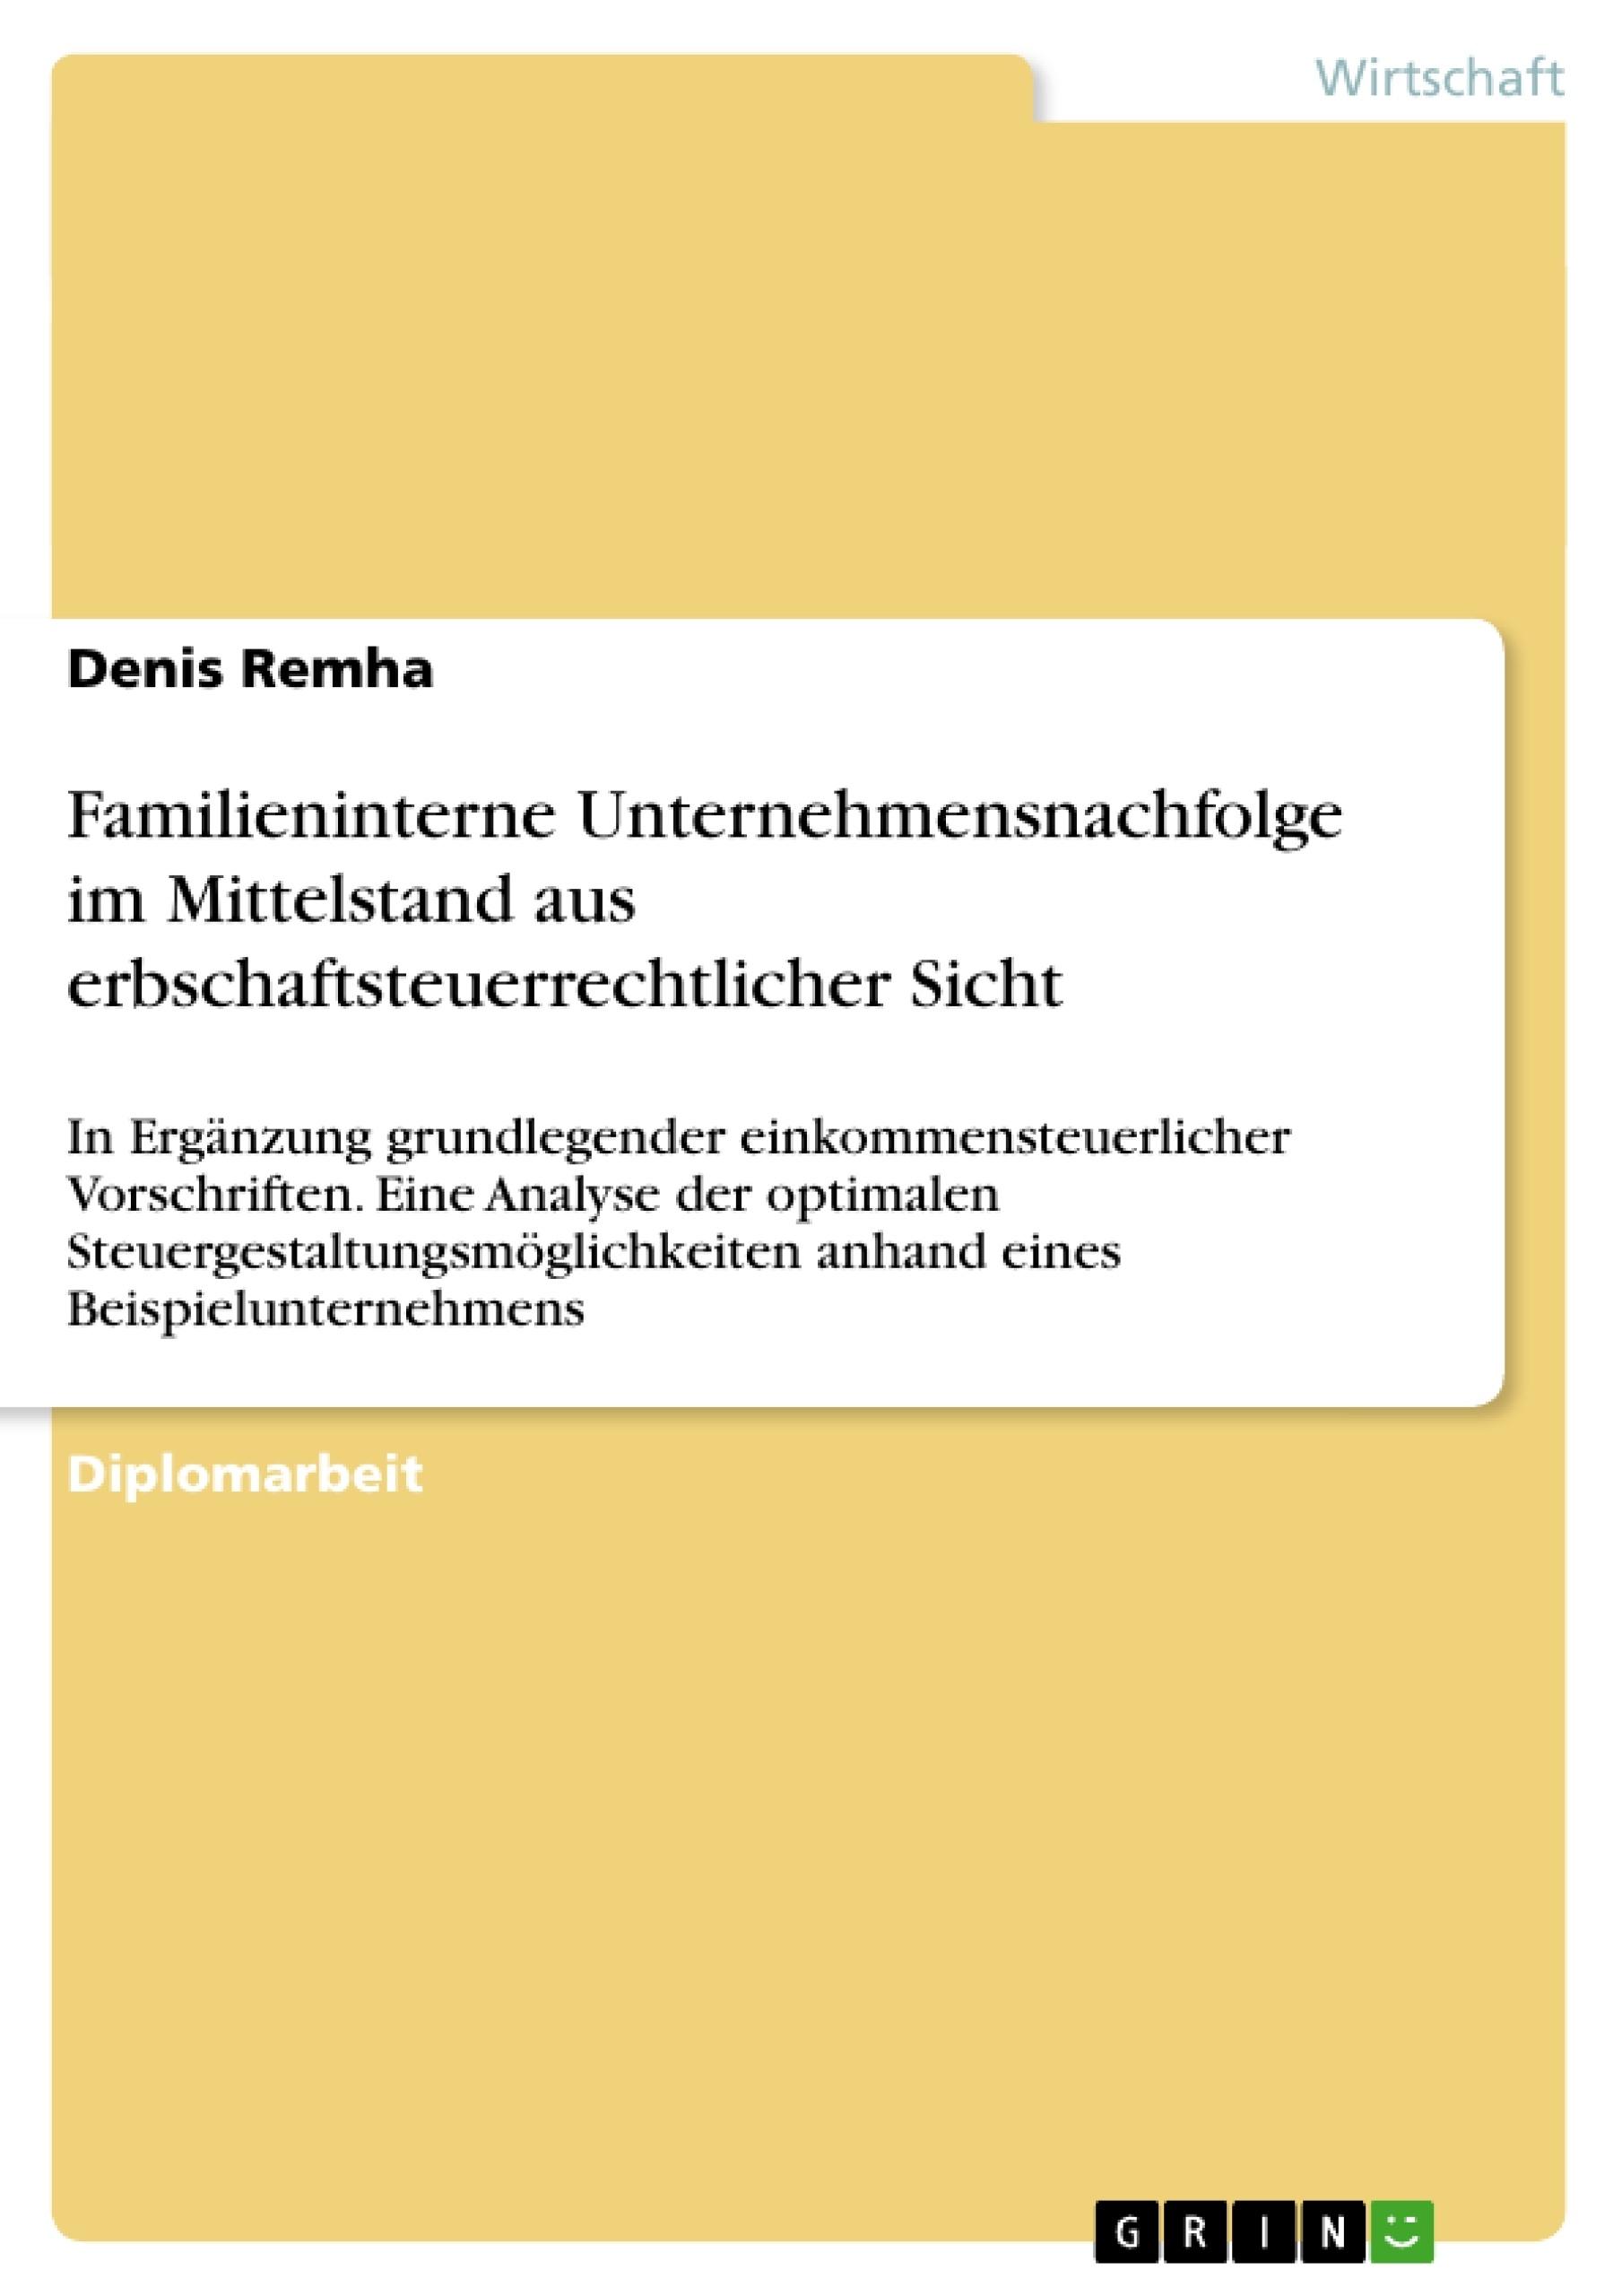 Titel: Familieninterne Unternehmensnachfolge im Mittelstand aus erbschaftsteuerrechtlicher Sicht